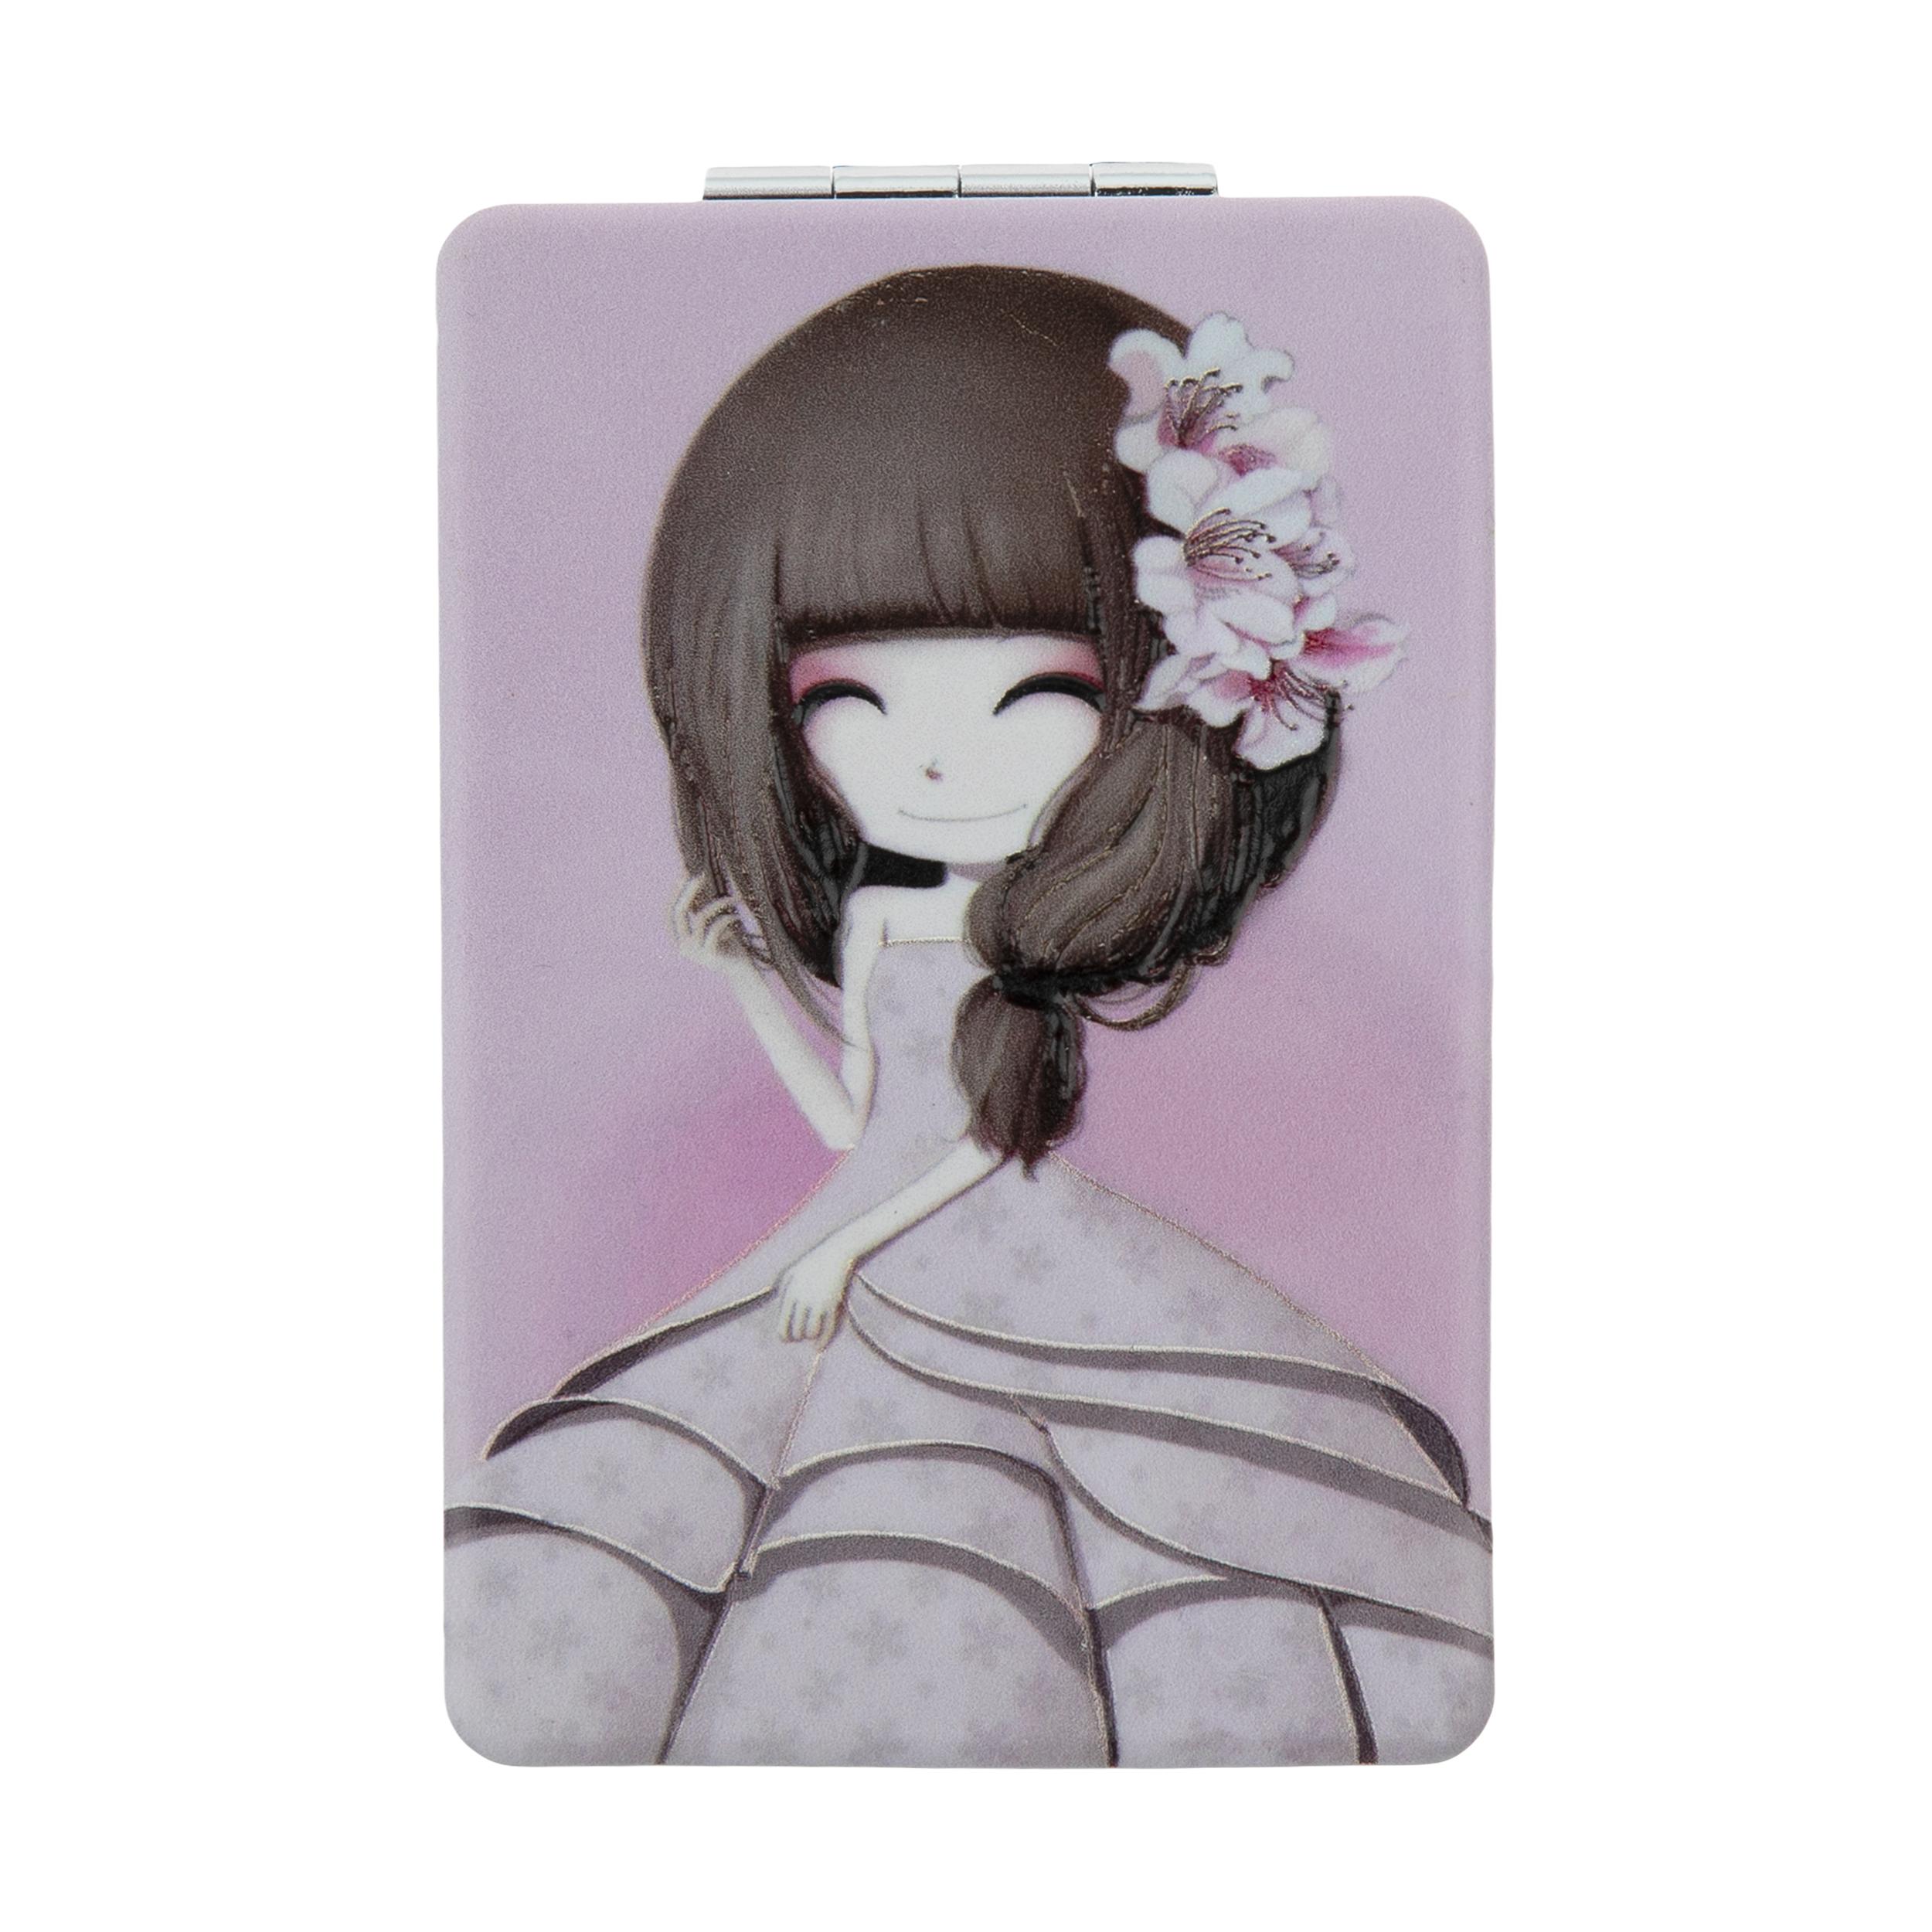 خرید                       آینه جیبی مدل BABY GIRL کد 31